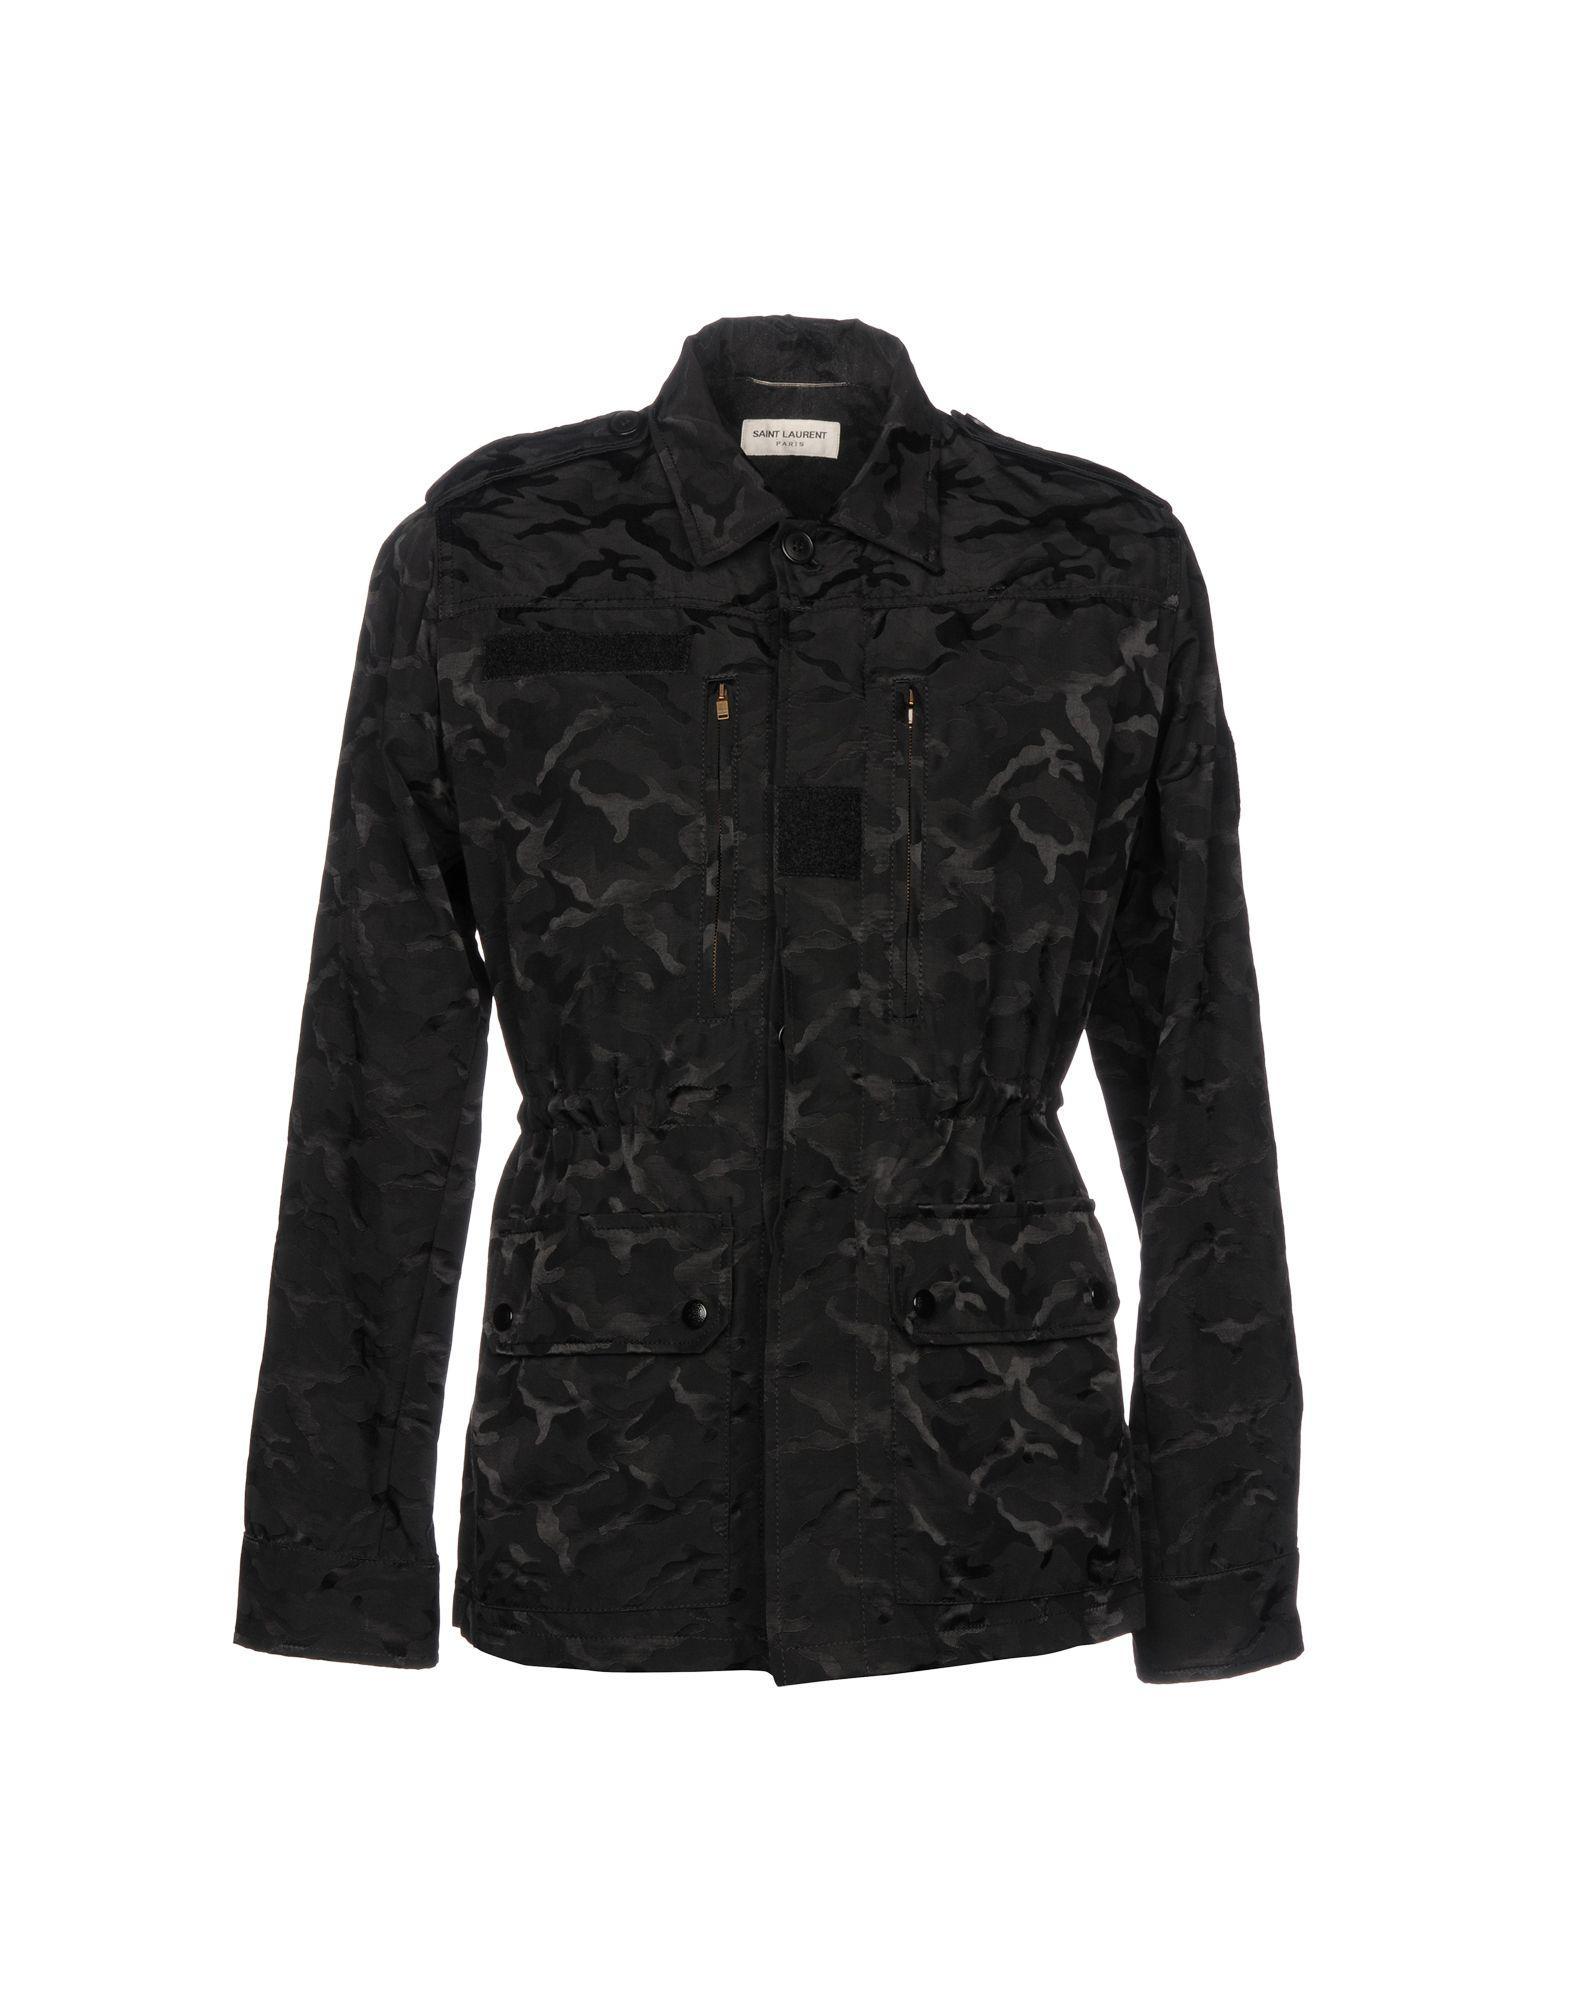 Saint Laurent In Black